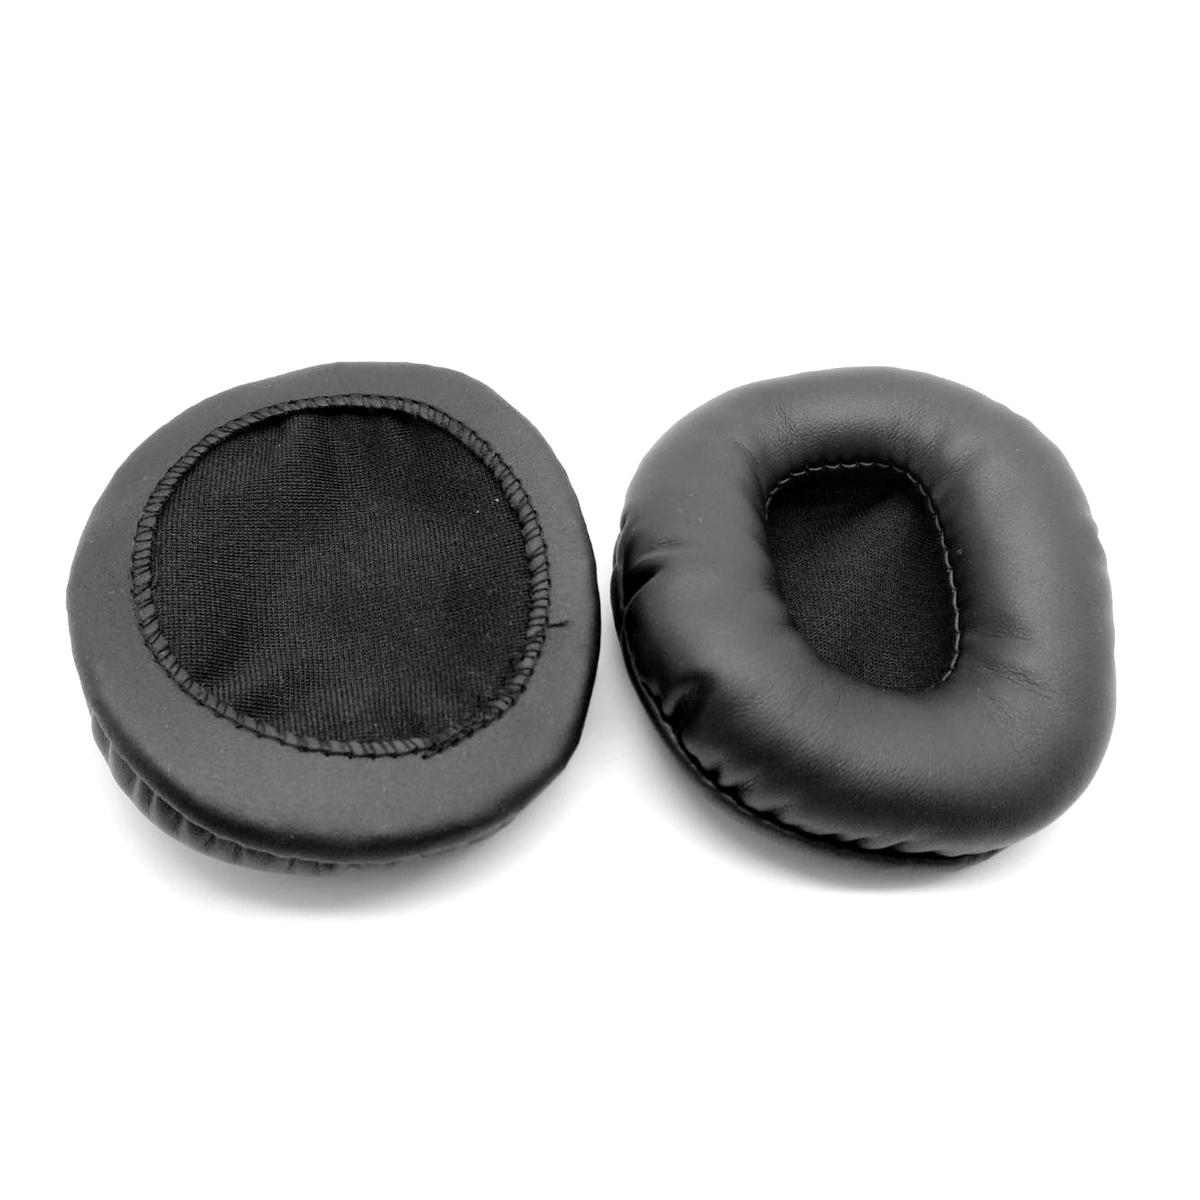 ขาย X-Tips รุ่น XT172 ฟองน้ำสำหรับหูฟัง KZ LP5 นุ่มเบาสบายหู